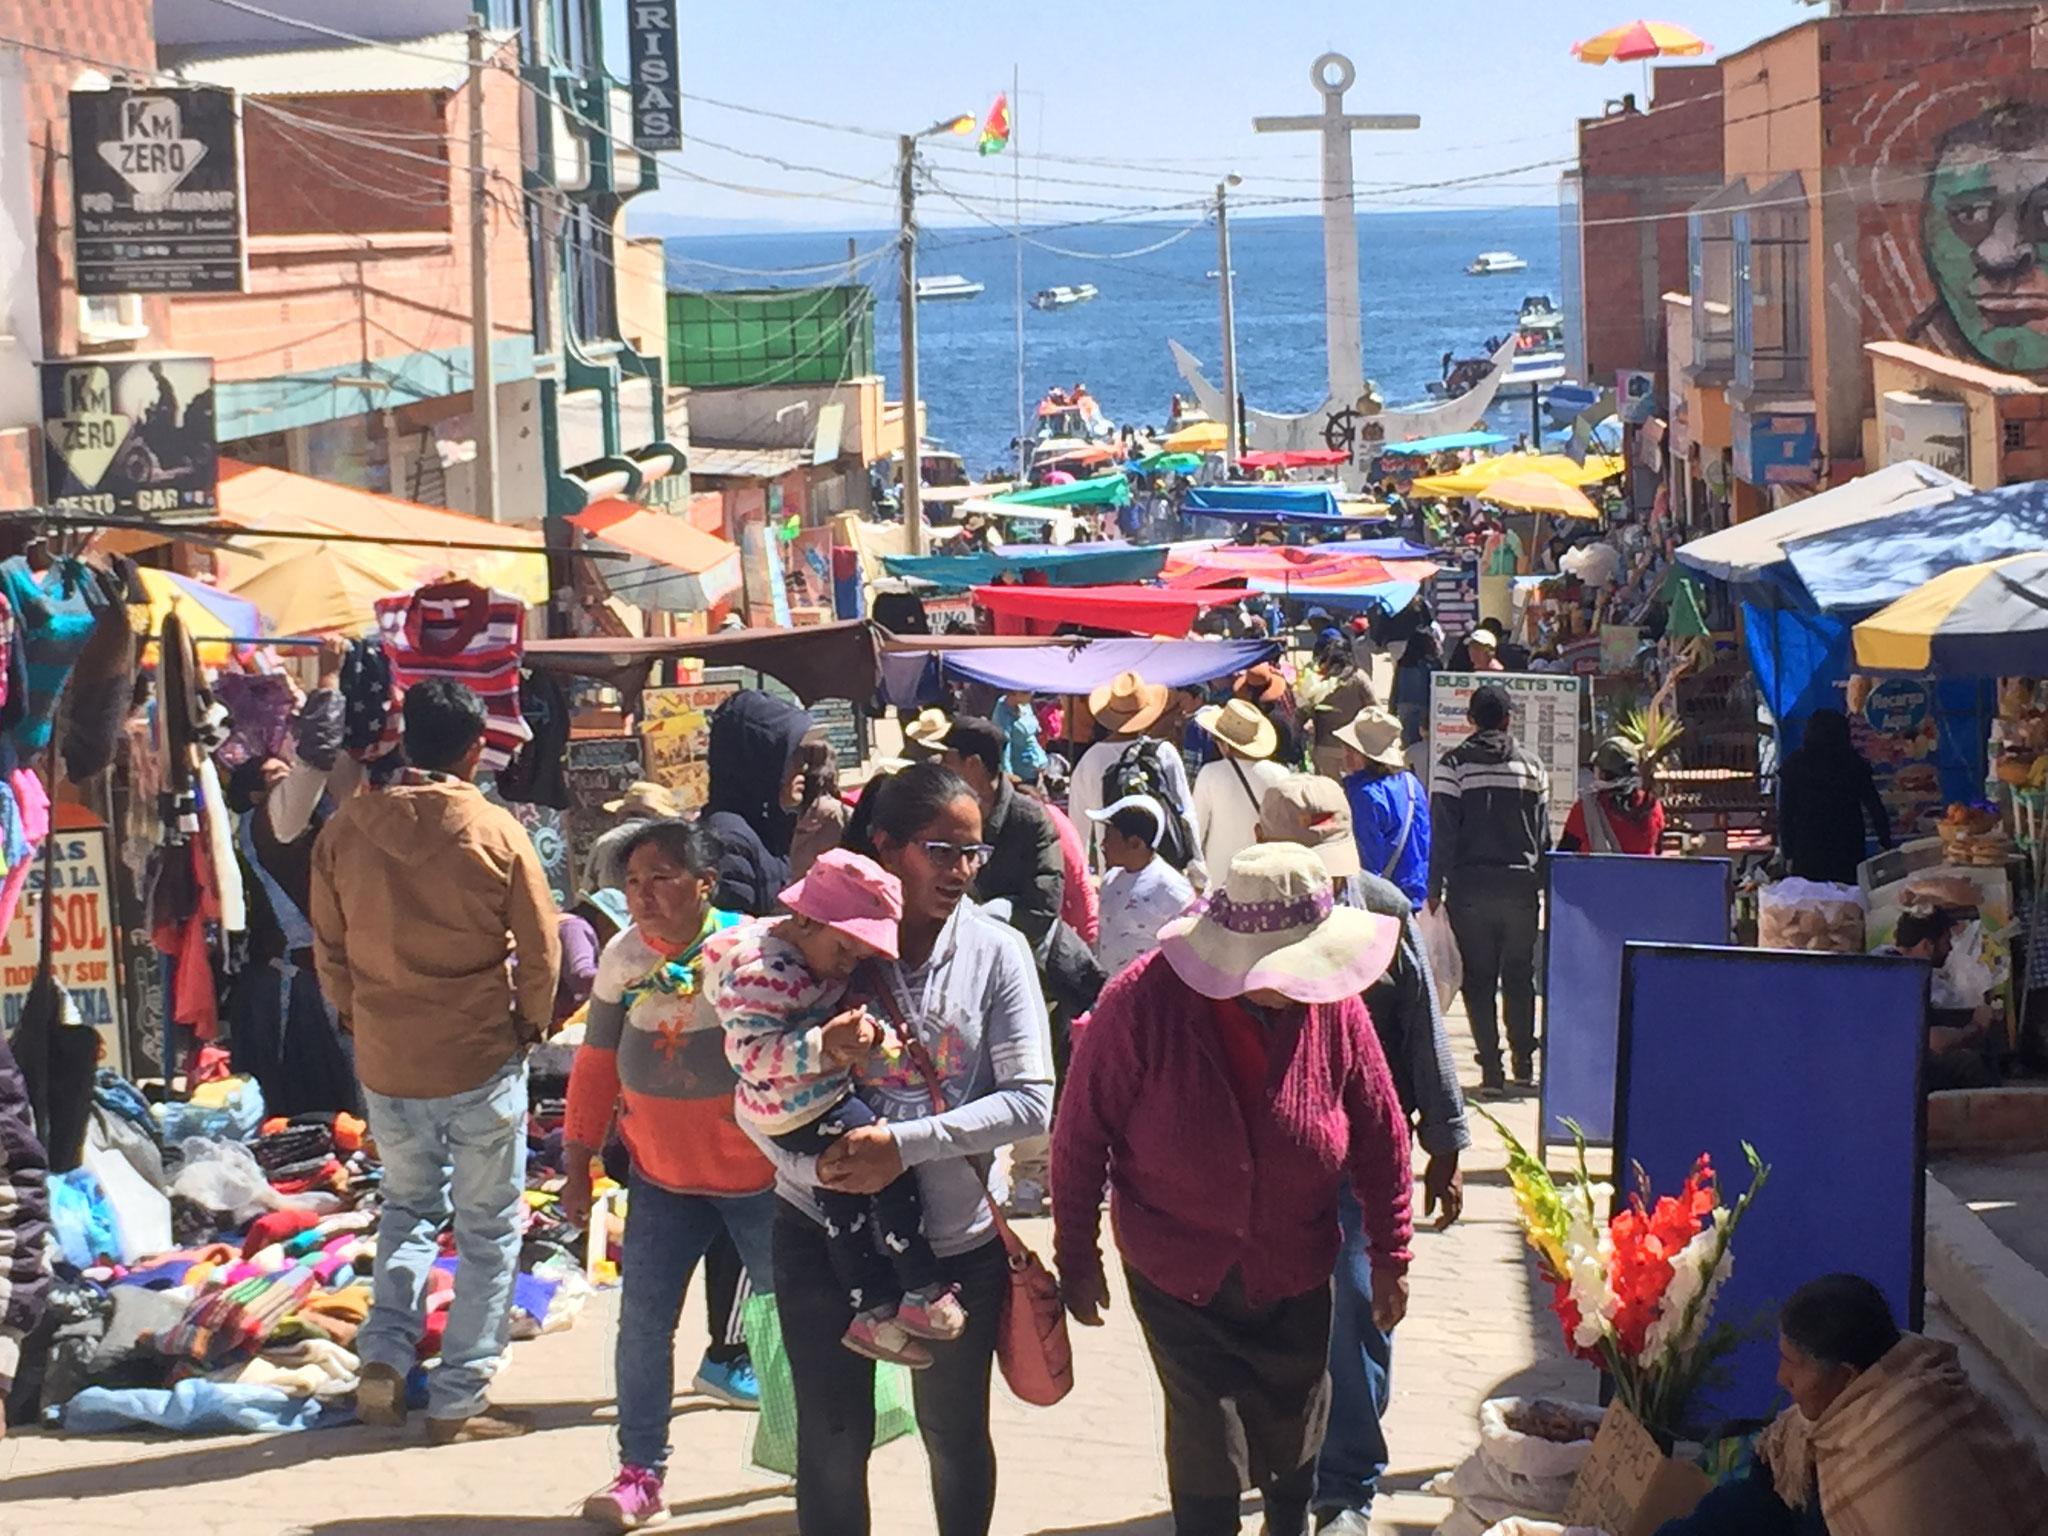 Markt in Copacabana